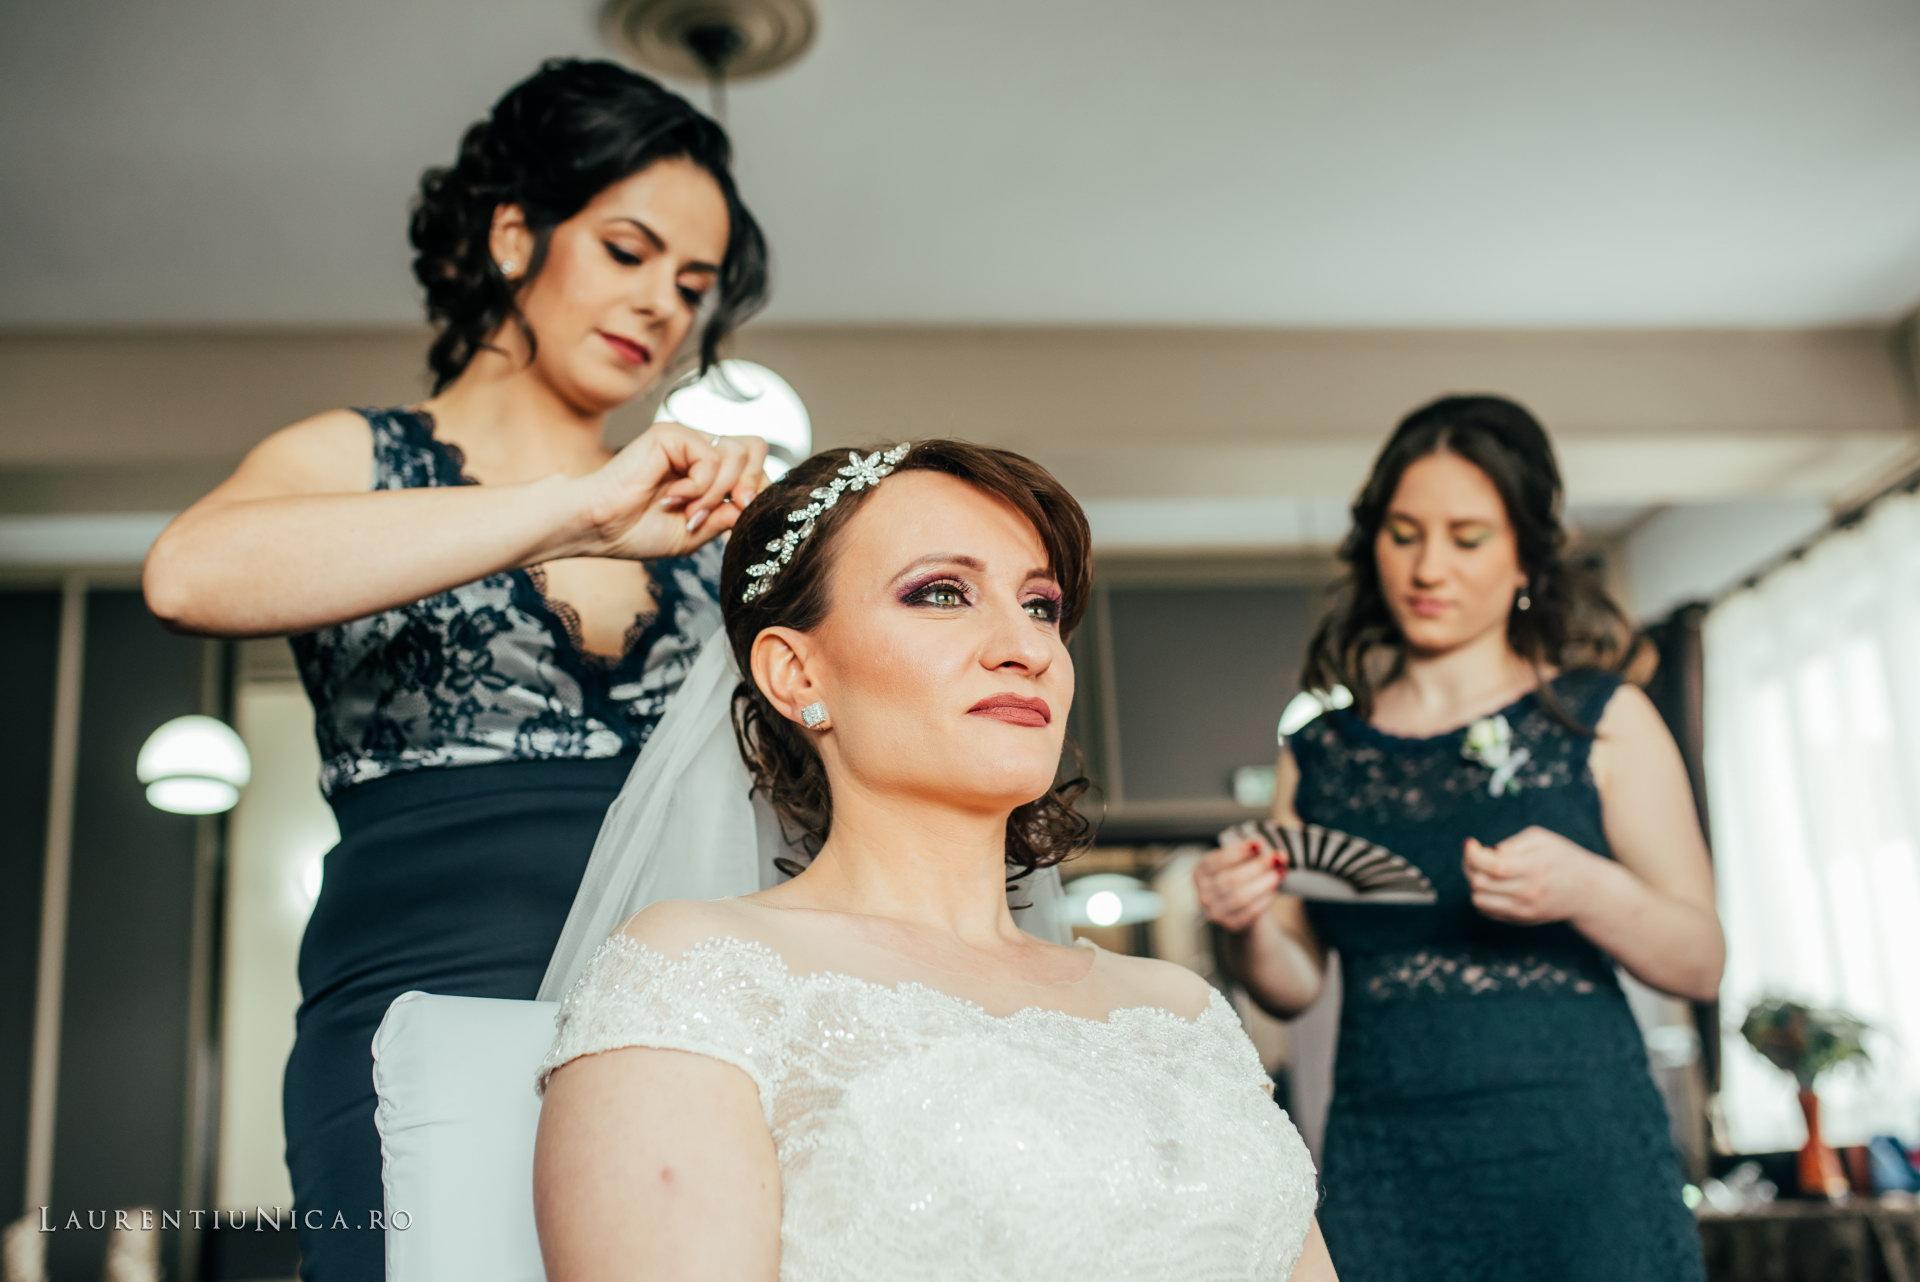 daniela si marius fotografii nunta craiova laurentiu nica15 - Daniela & Marius | Fotografii nunta